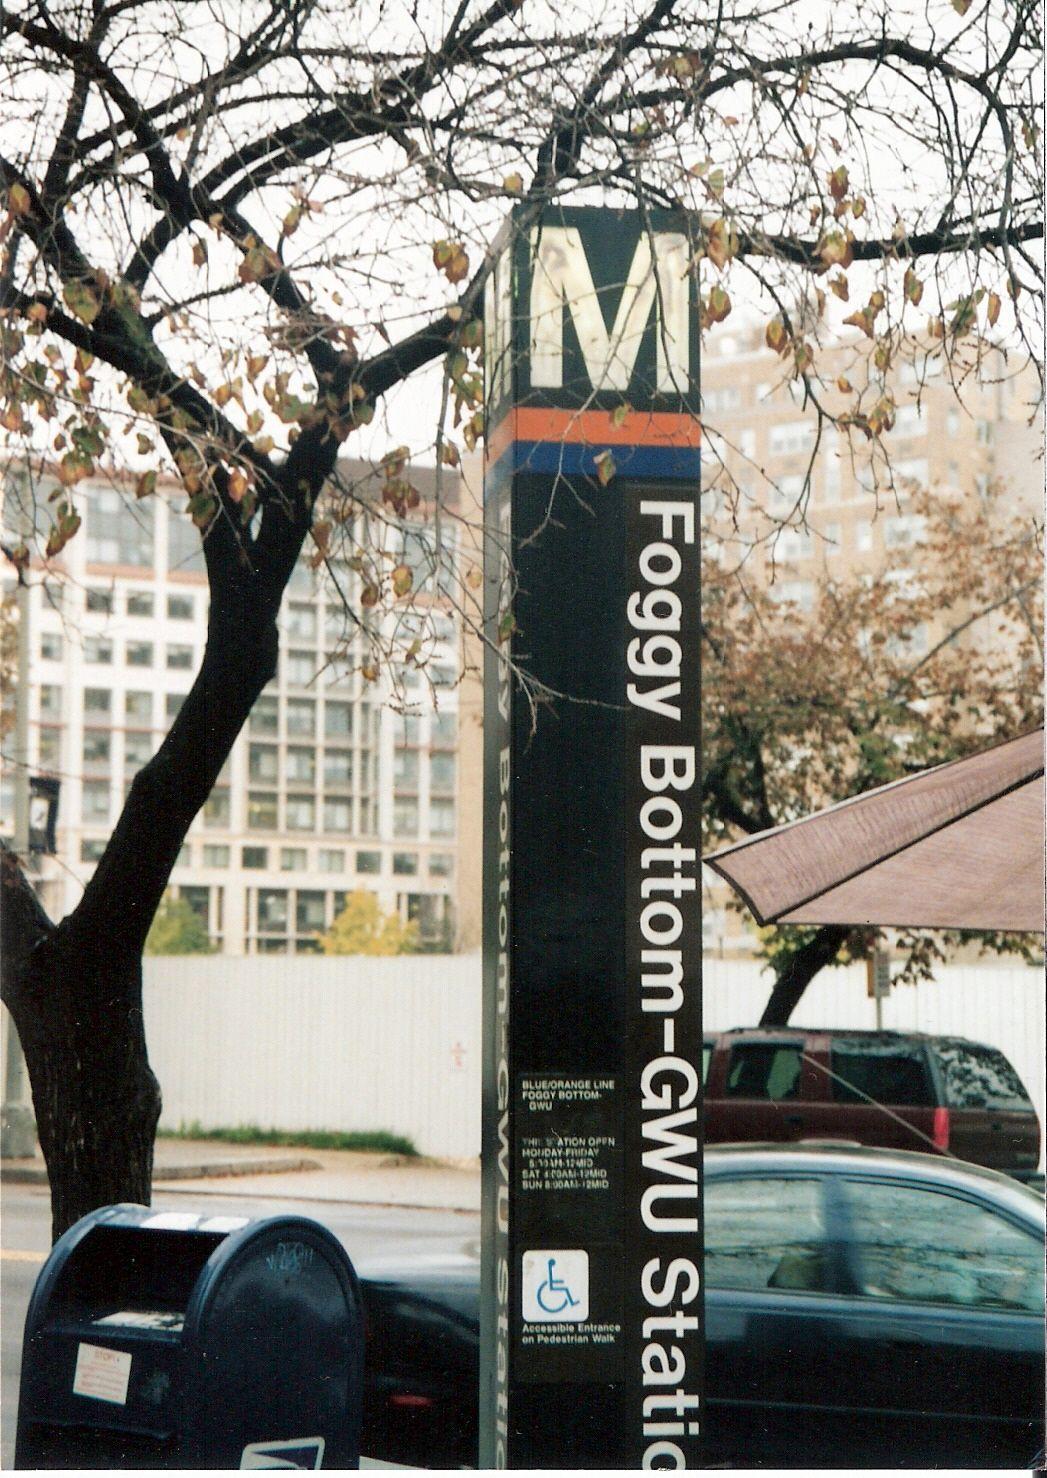 Washington dc metro foggy bottom sorry, that